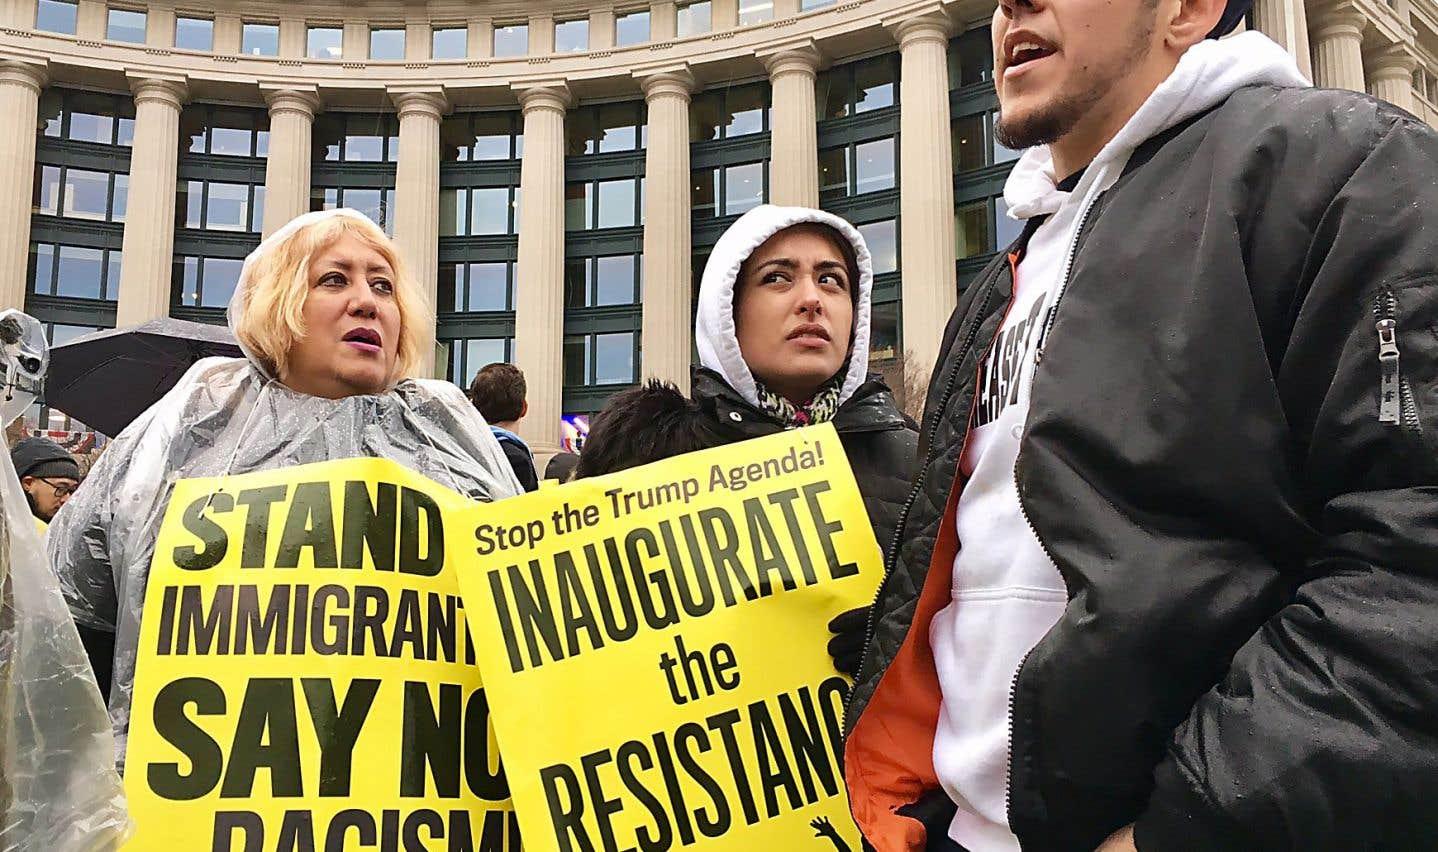 Les anti-Trump laissent éclater leur colère à Washington